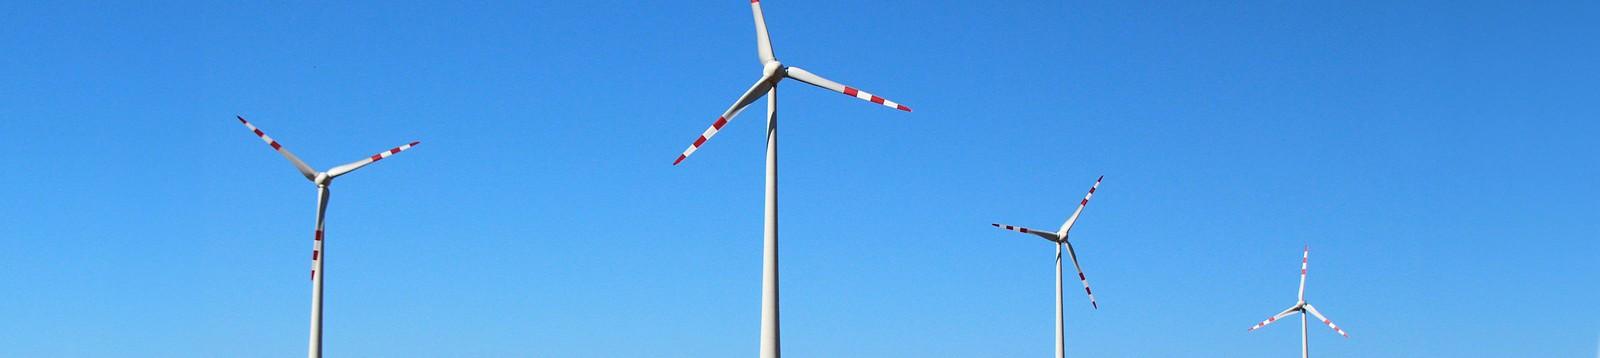 Molinos de viento produciendo energía eólica